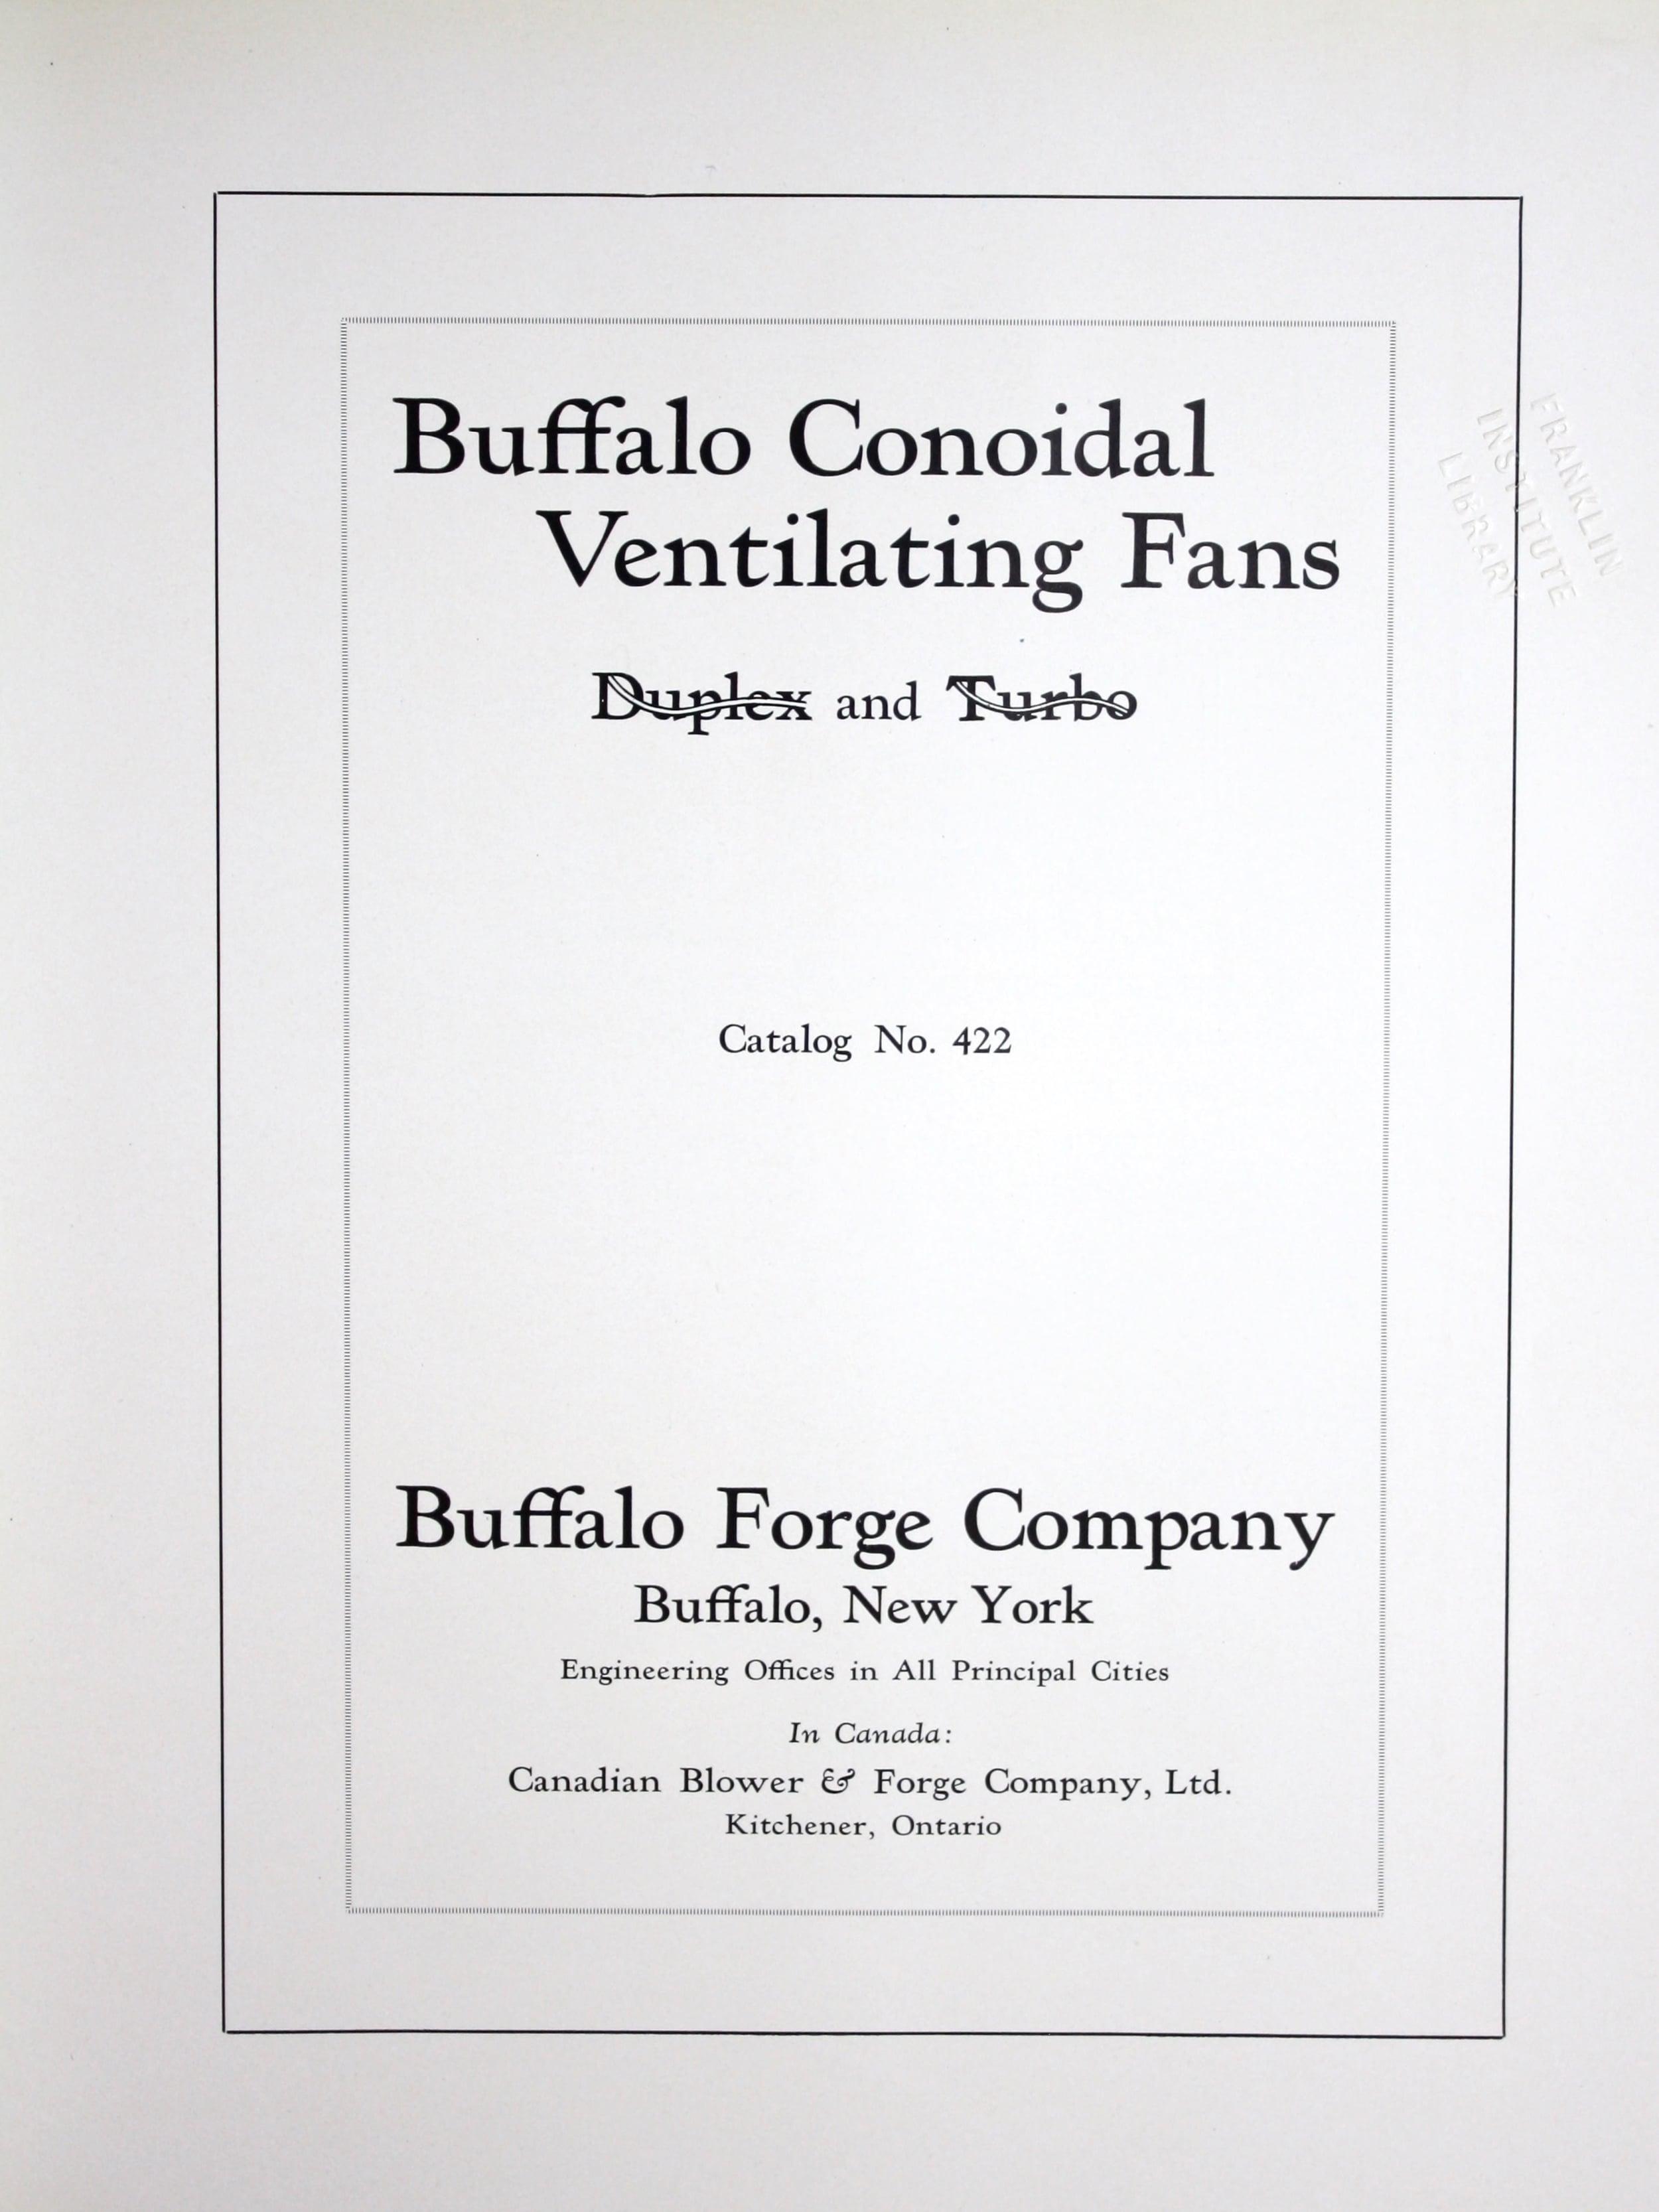 BuffaloForgeCoCca43001_0004.jpg